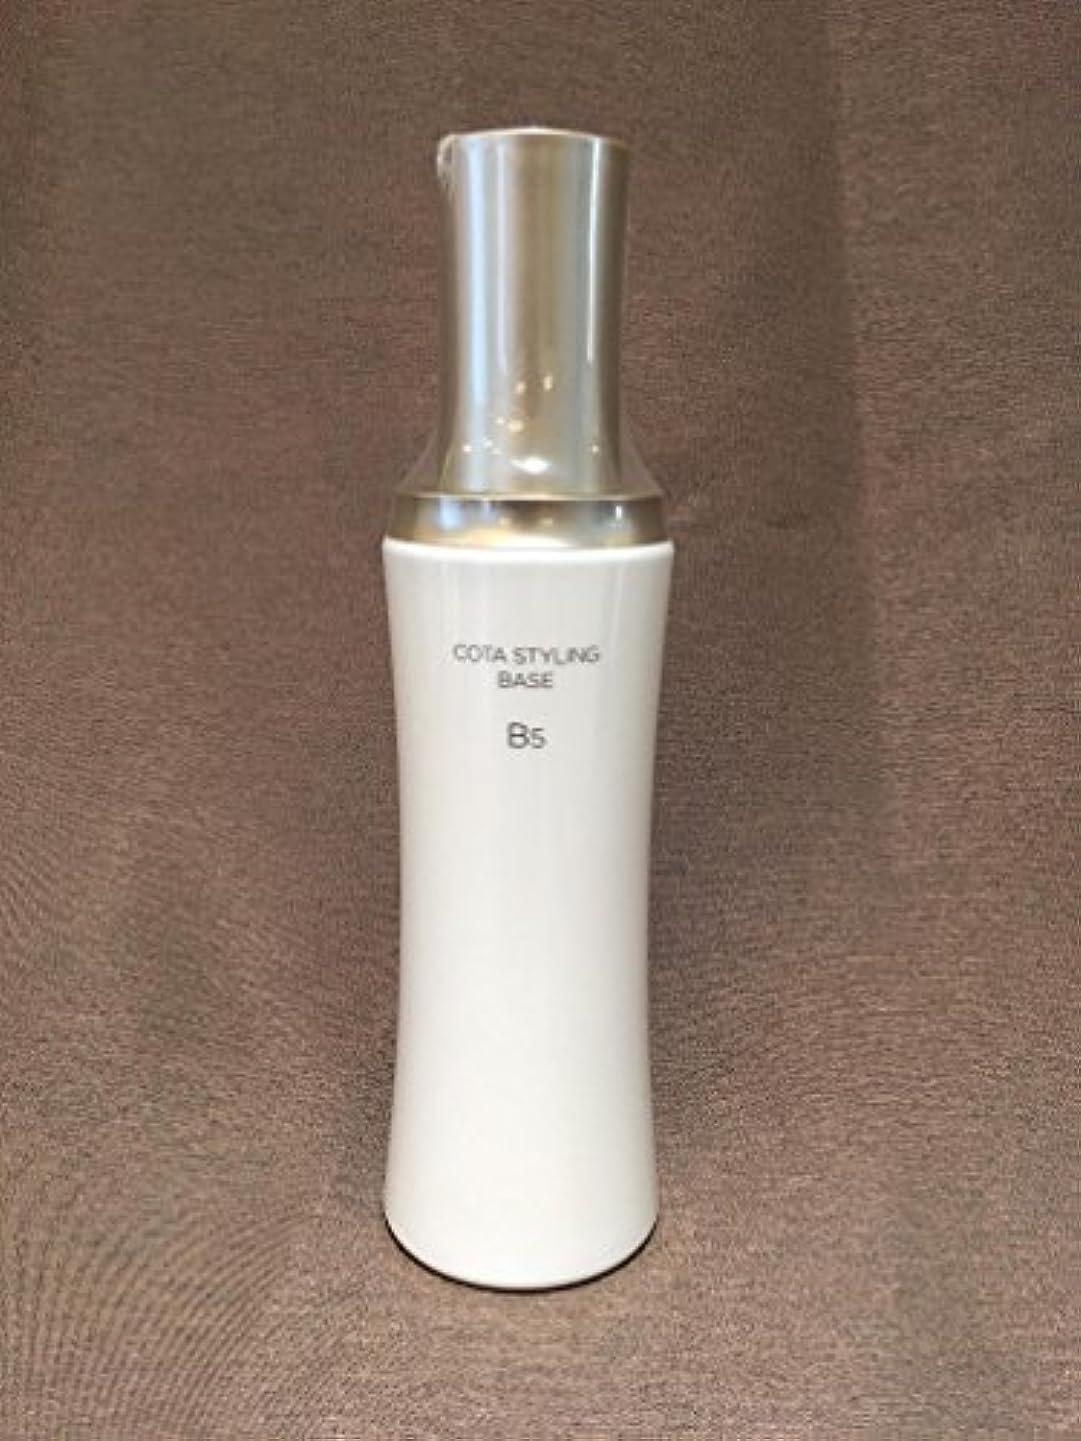 農学配分うまコタ スタイリング ベース B5 200g